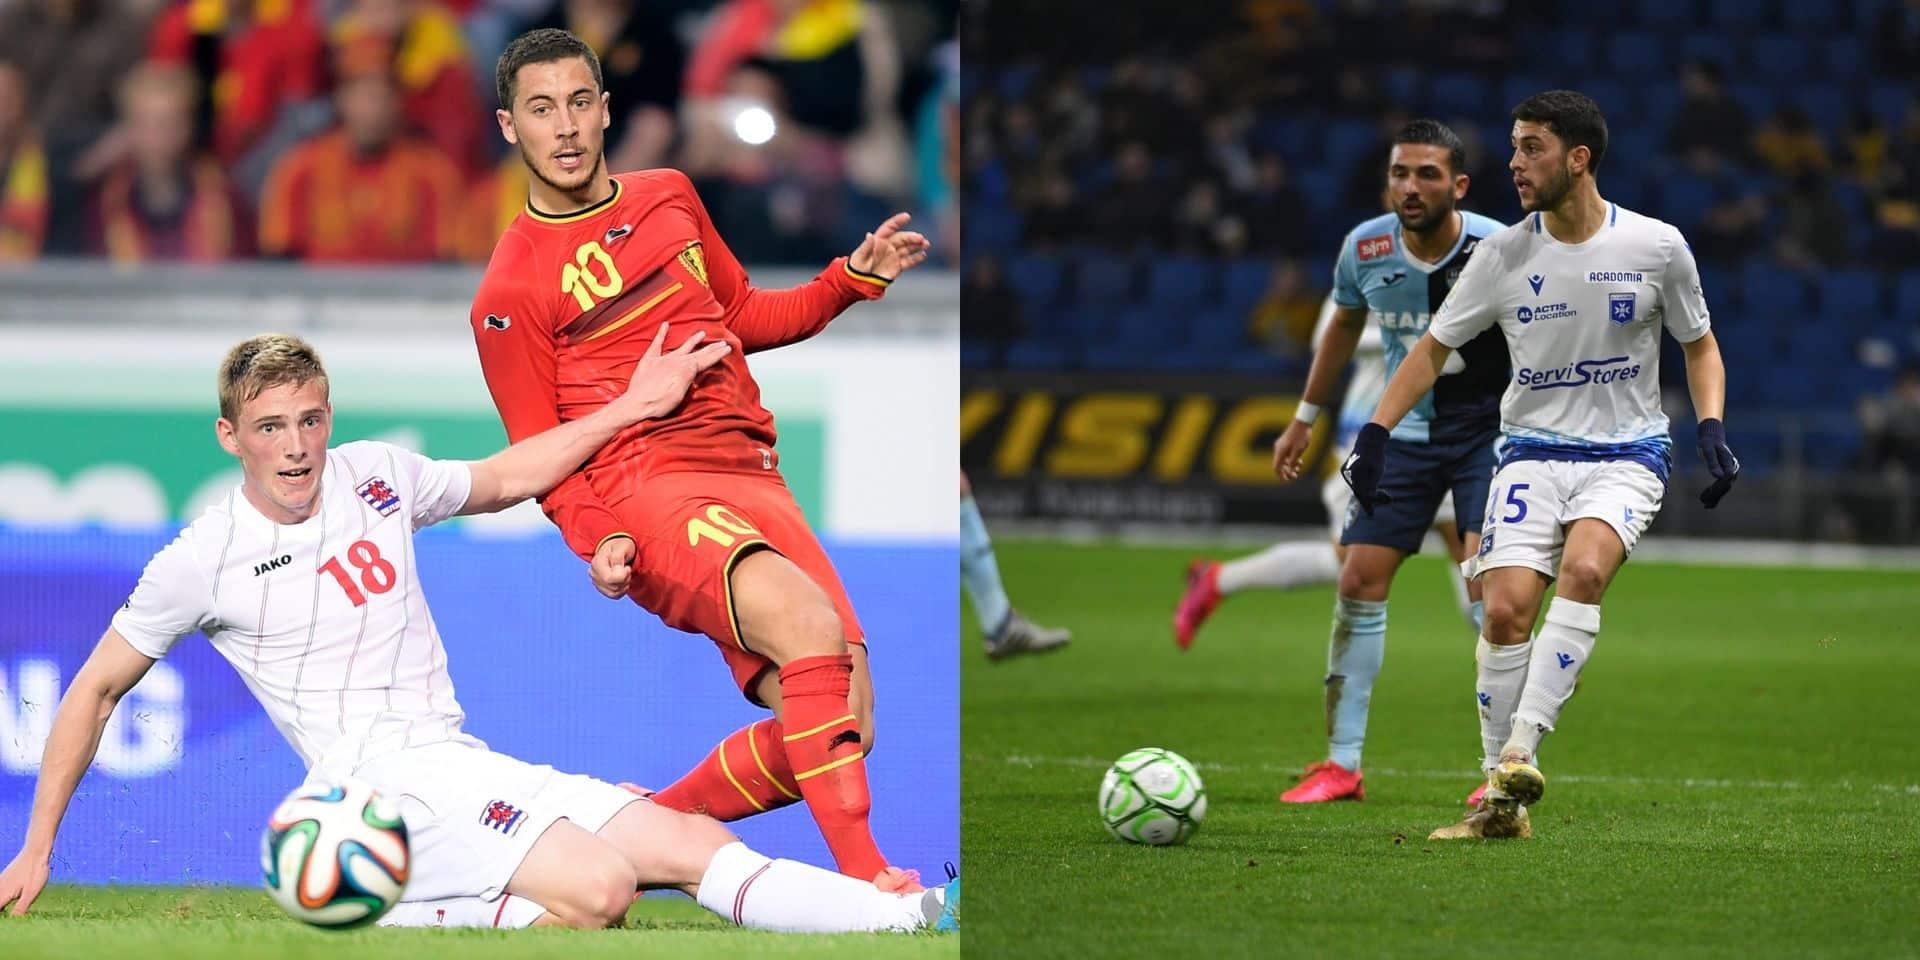 Qui sont Laurent Jans et Eddy Sylvestre, les deux derniers transferts du Standard?